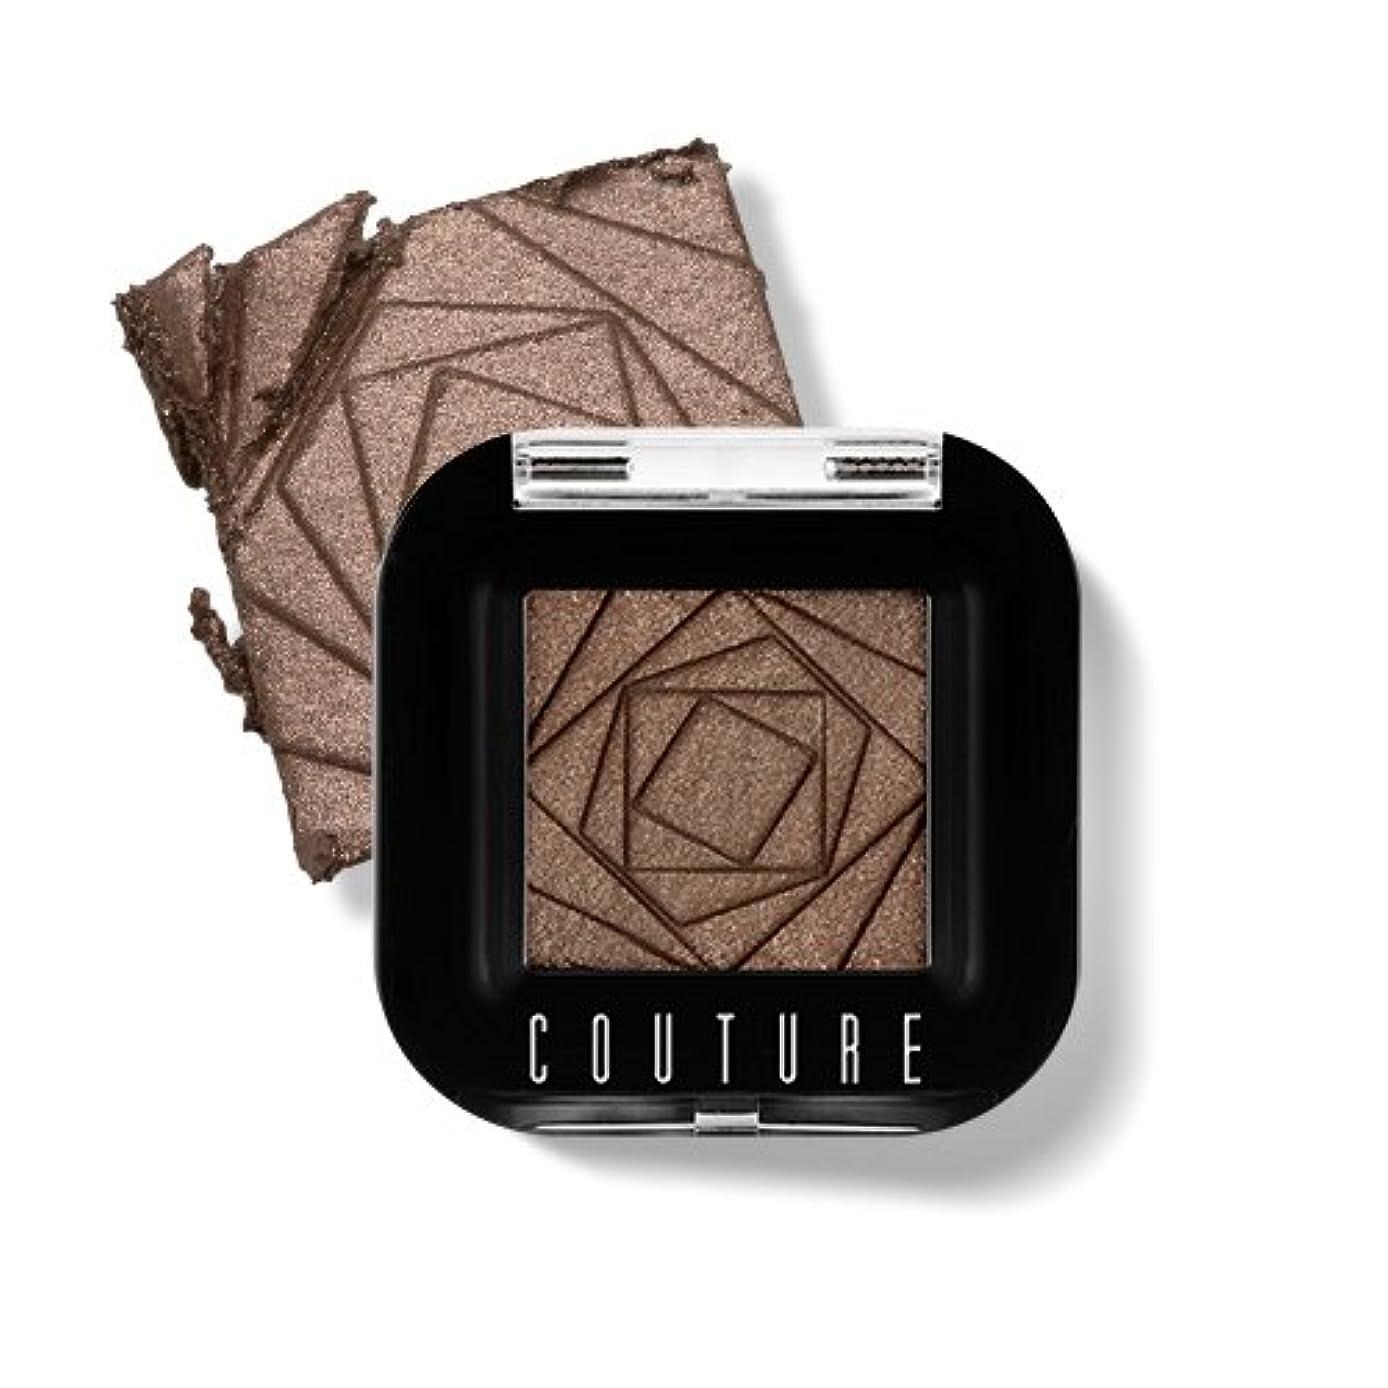 初心者言うまでもなく夏APIEU Couture Shadow (# 6) /アピュ/オピュ クチュールシャドウ [並行輸入品]